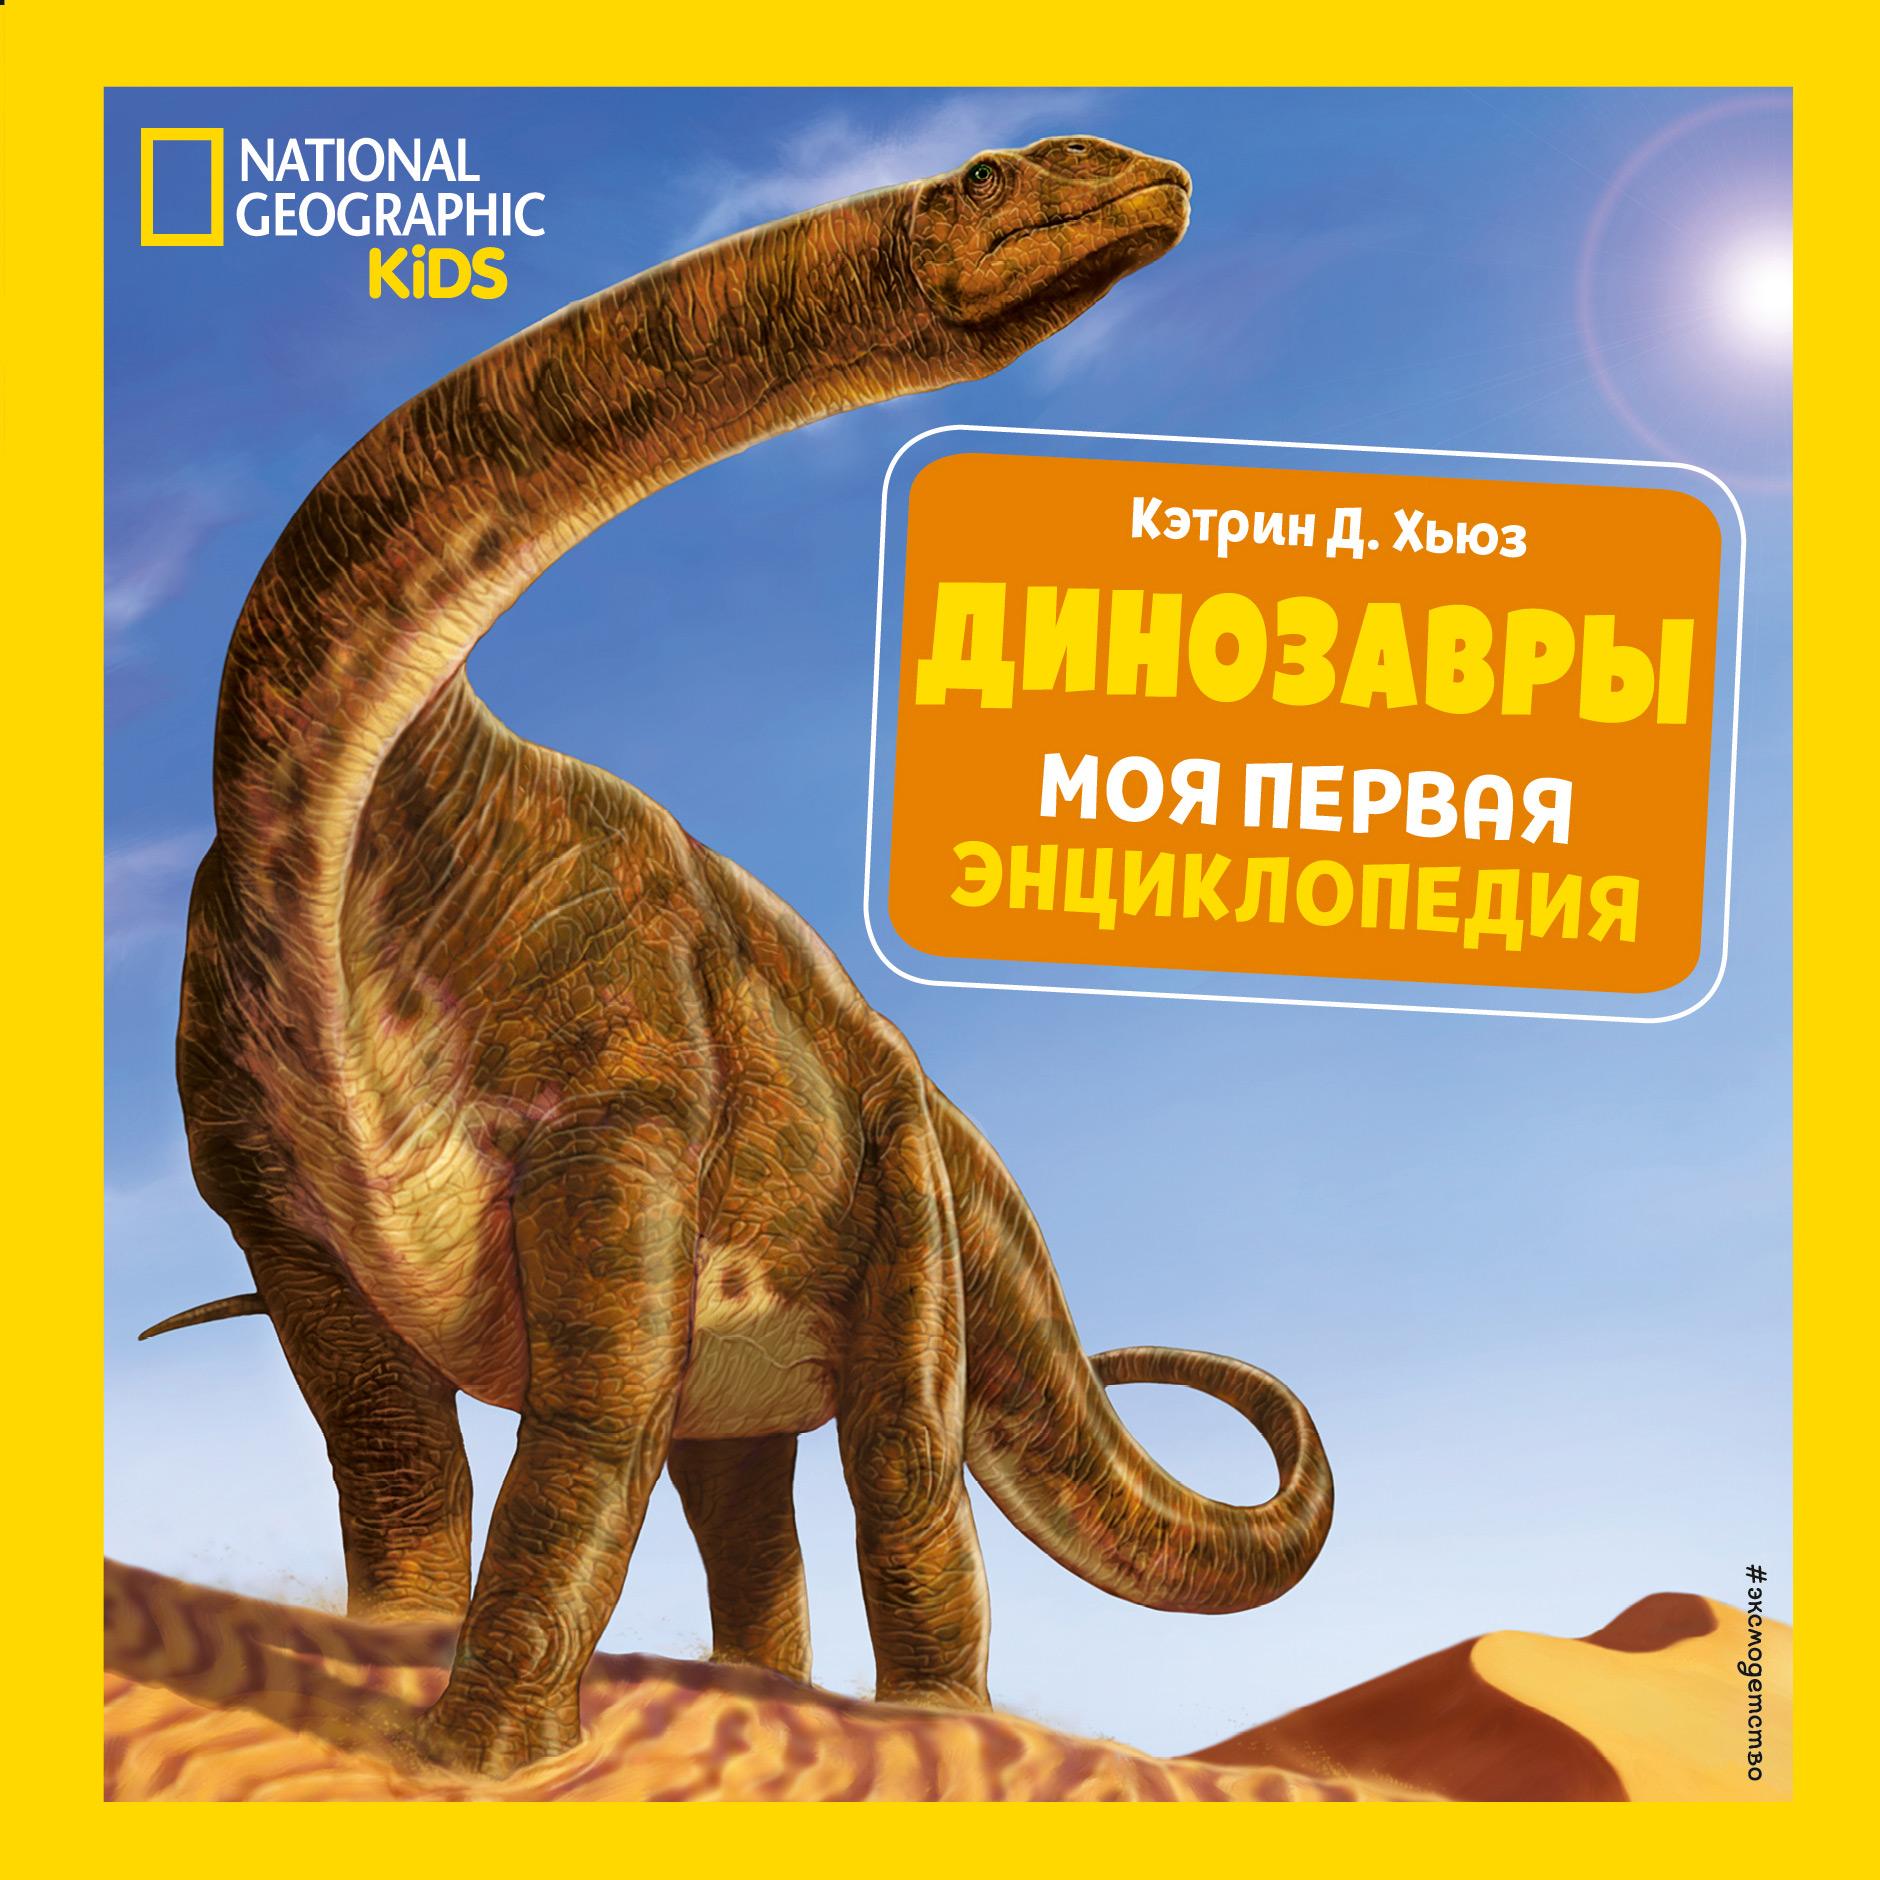 Кэтрин Д. Хьюз Динозавры. Моя первая энциклопедия